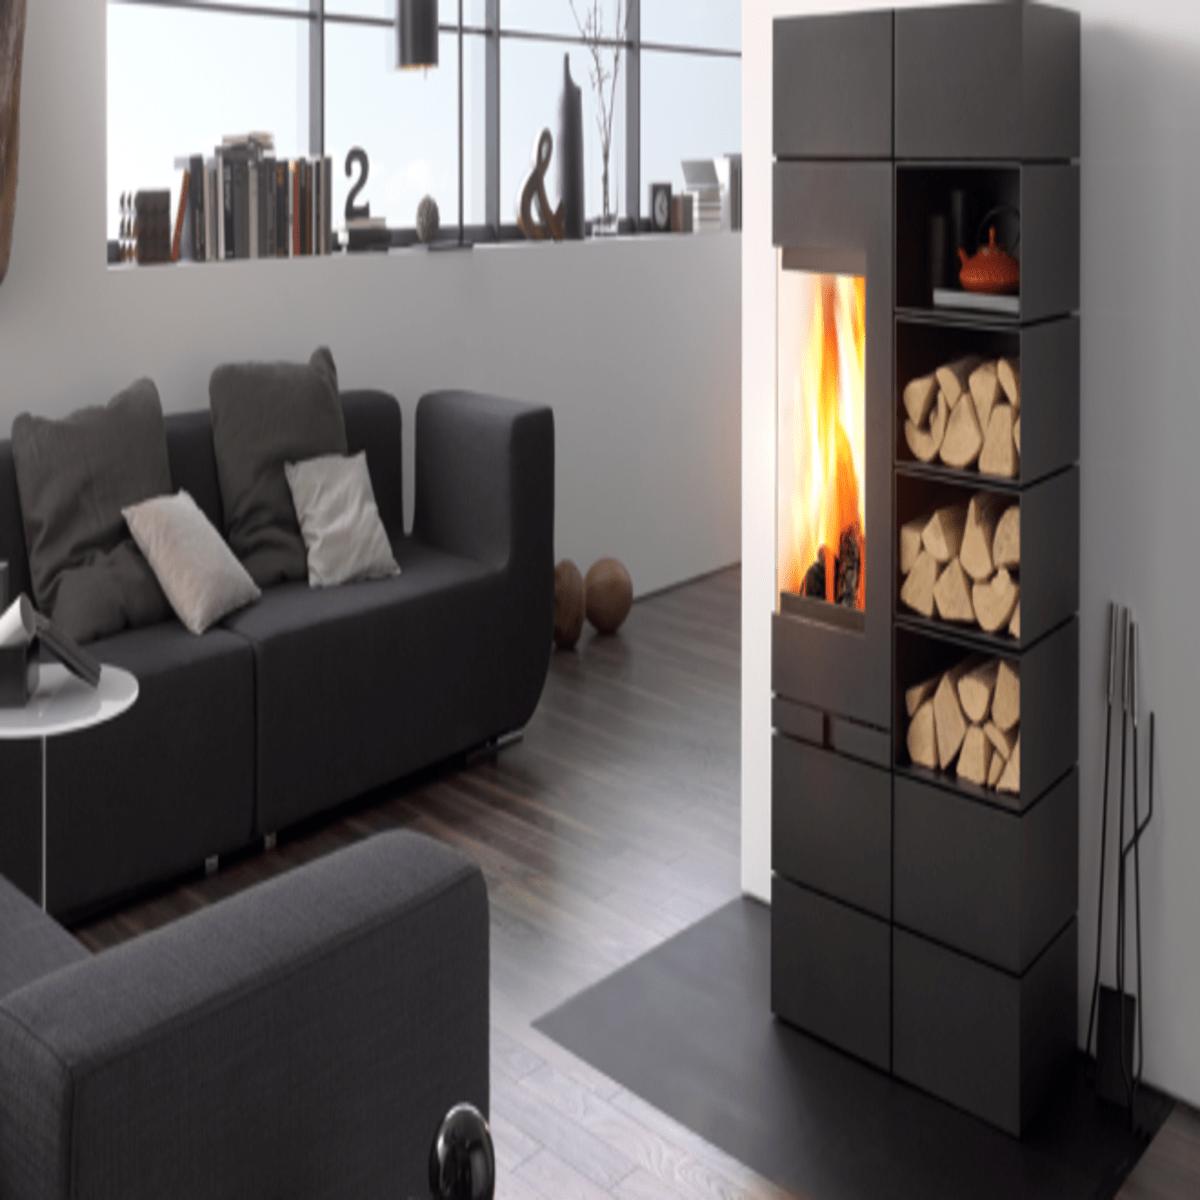 einbau kaminofen kosten kamin einbauen lassen luxus kosten einbau schane elegant lager von. Black Bedroom Furniture Sets. Home Design Ideas